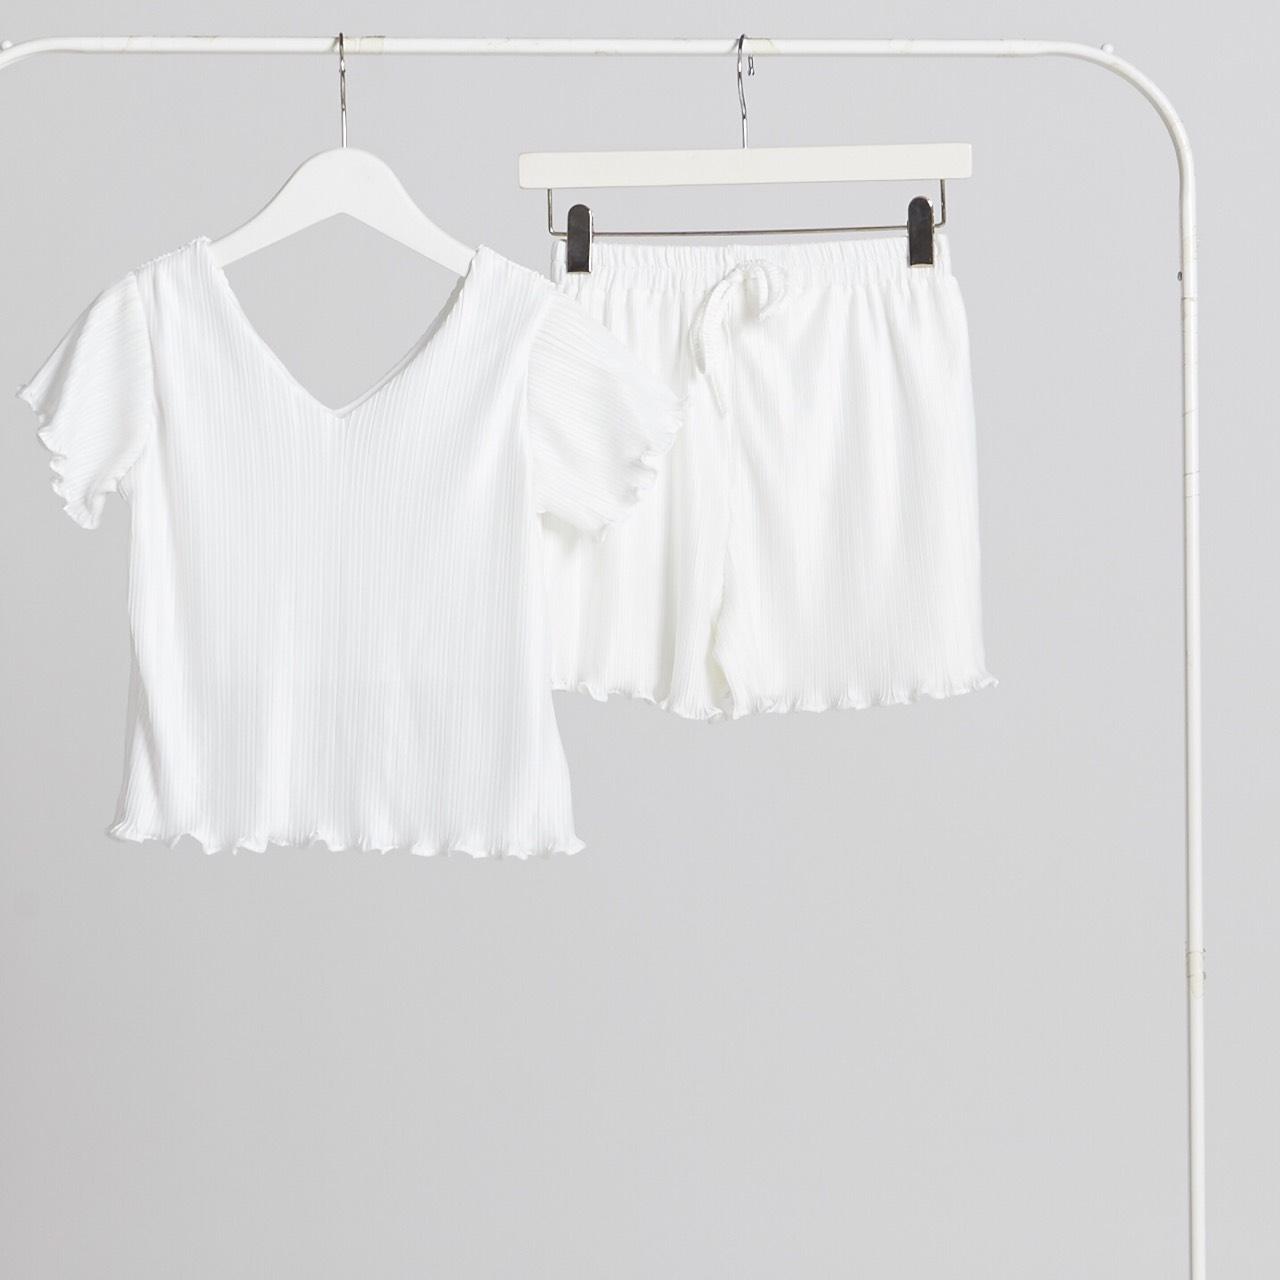 MoodandTone,women,ผู้หญิง,เสื้อผ้าผู้หญิง,เสื้อแขนสั้น,เสื้อพลีท,กางเกง,กางเกงผู้หญิง,กางเกงขาสั้น,กางเกงขาสั้นผู้หญิง,กางเกงพลีท